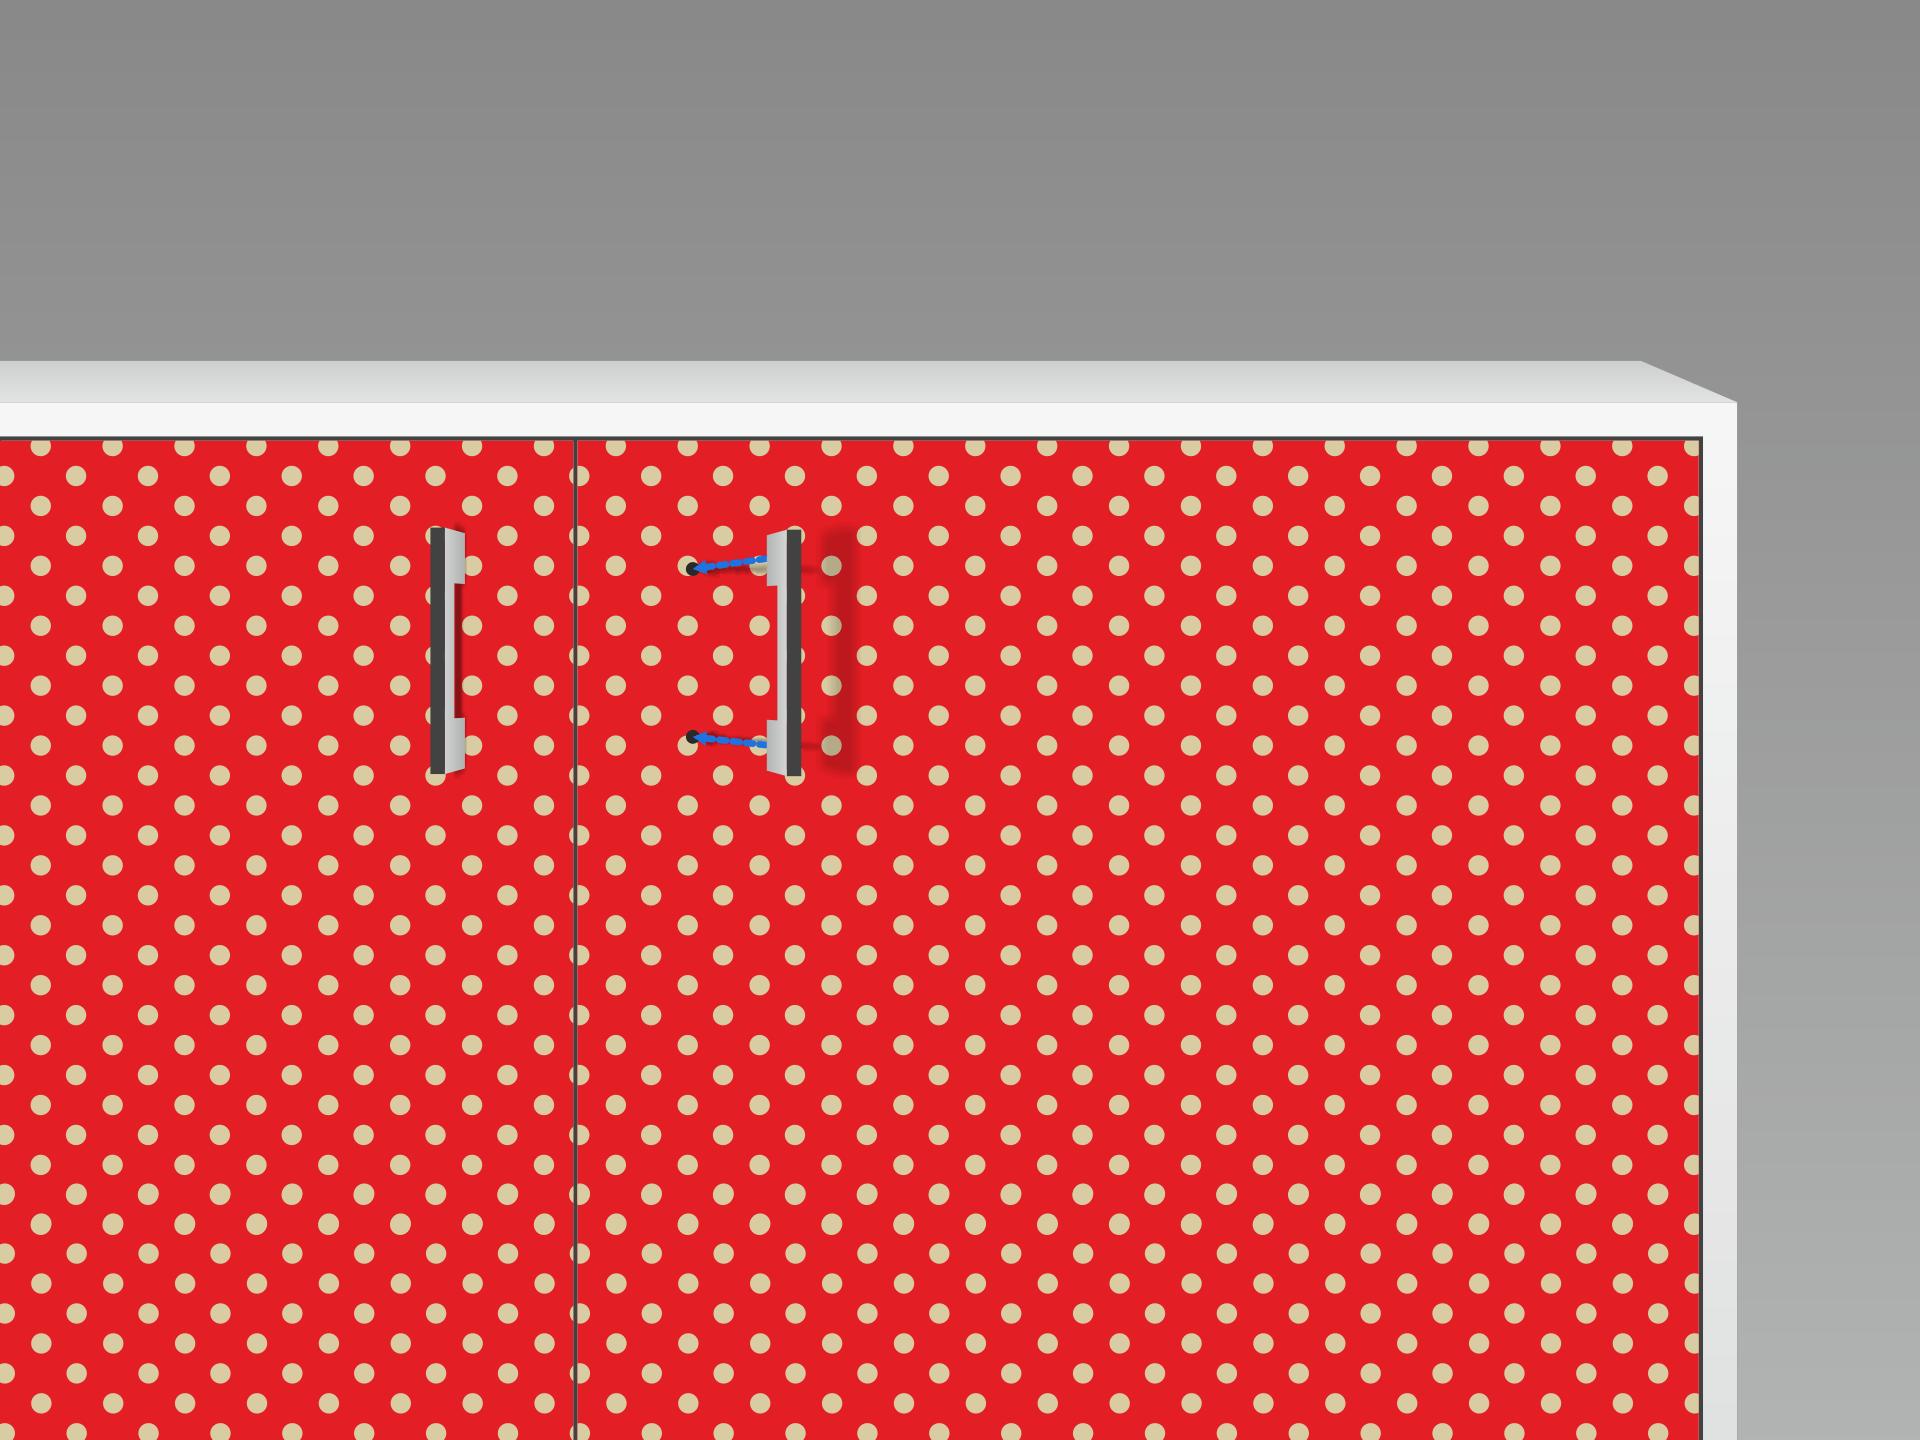 Fast fertig! Zum Schluss die Löcher für die Türgriffe etc. vorsichtig in der Mitte einstechen und behutsam vergrößern, um die Griffe zu montieren. Tipp: Kleine Luftbläschen einfach mit einer Nähnadel am Rand anstechen, um die Luft mit dem Fingernagel rauszuschieben.